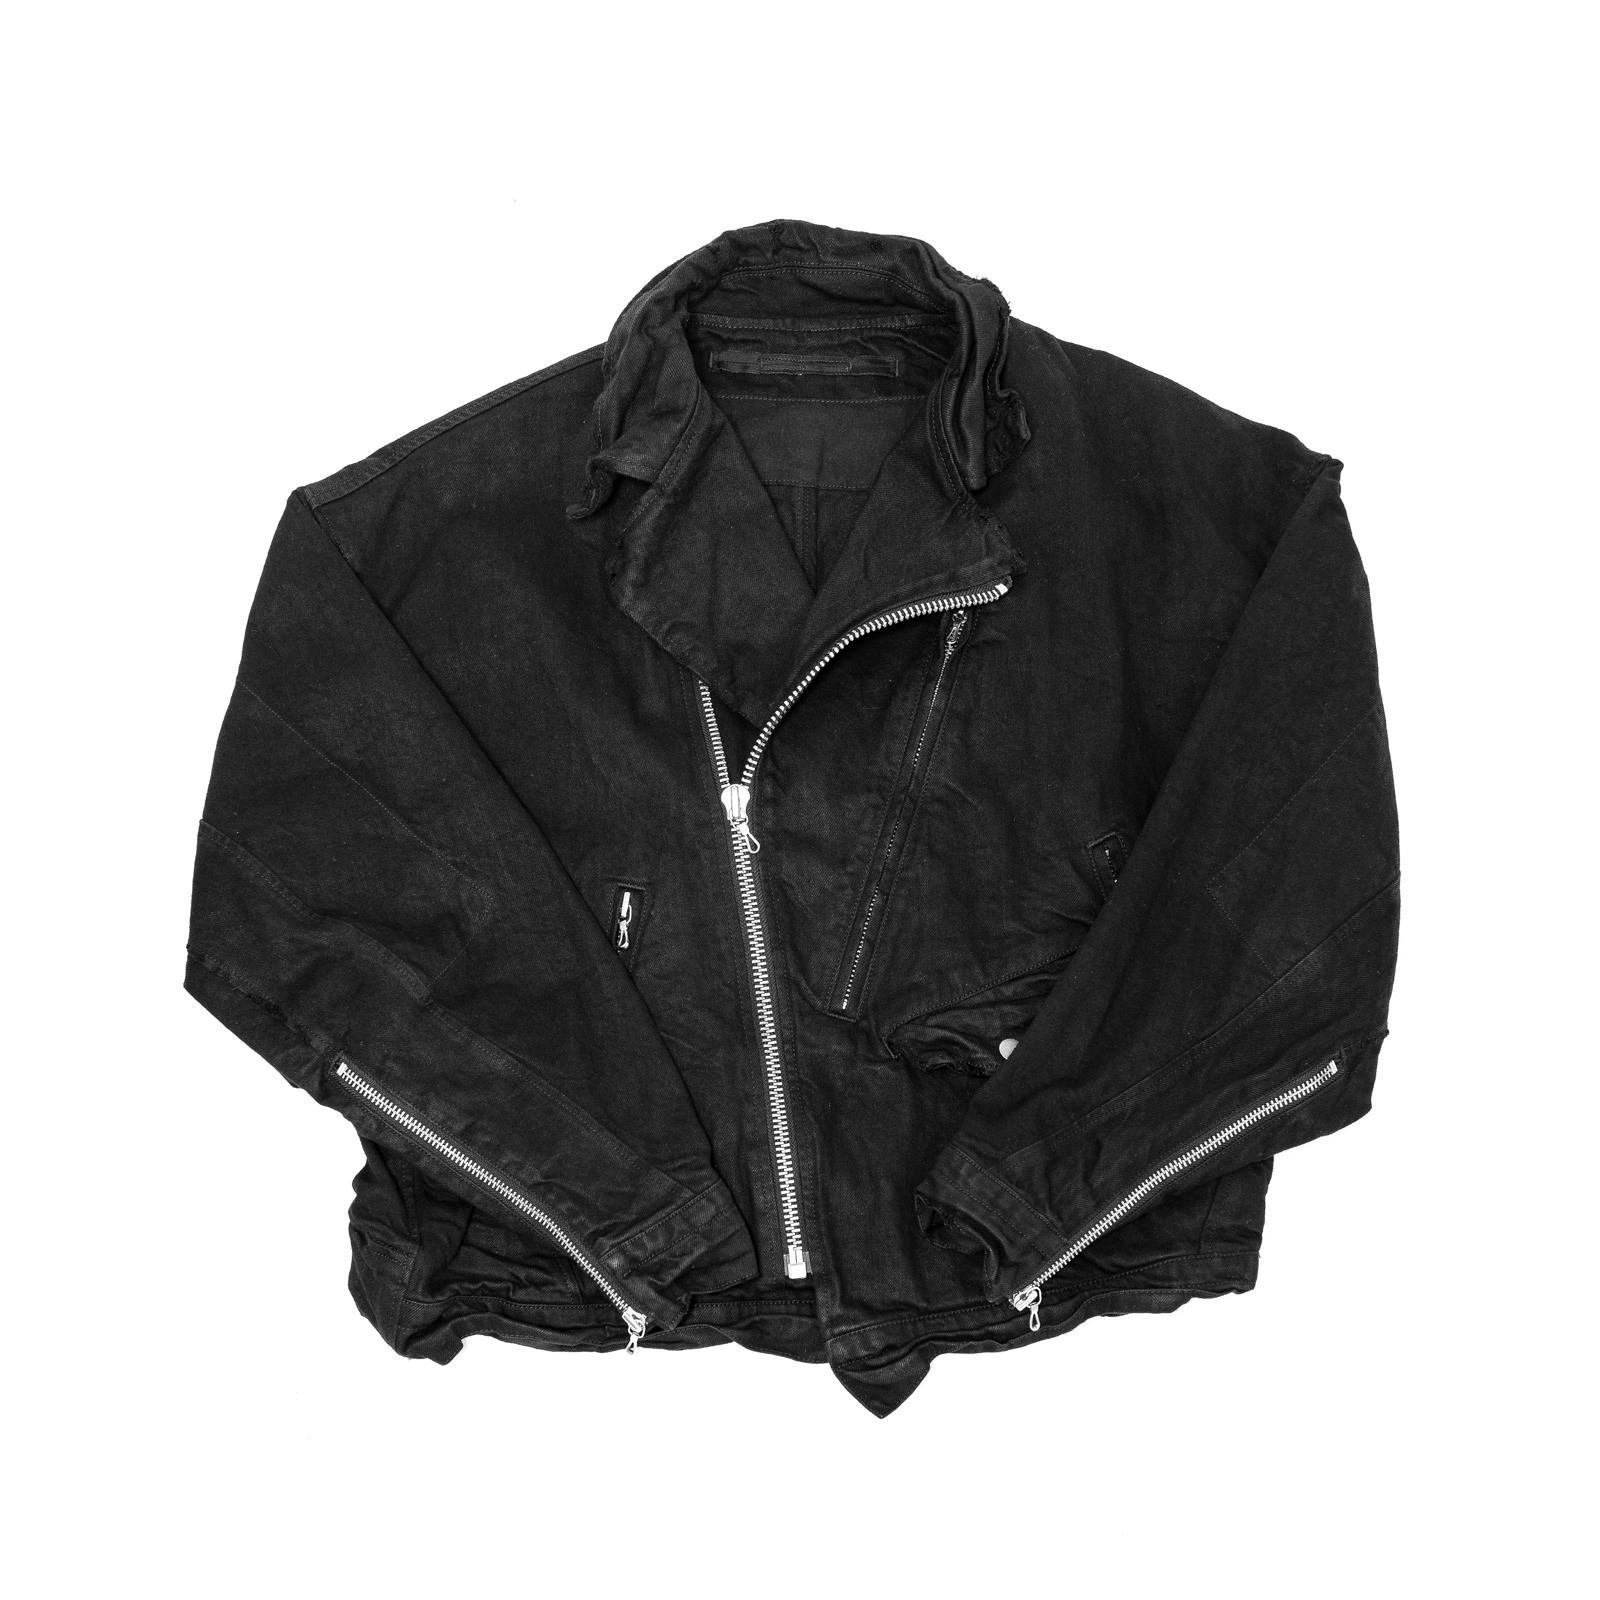 597BLM8-BLACK / GI ライダースジャケット